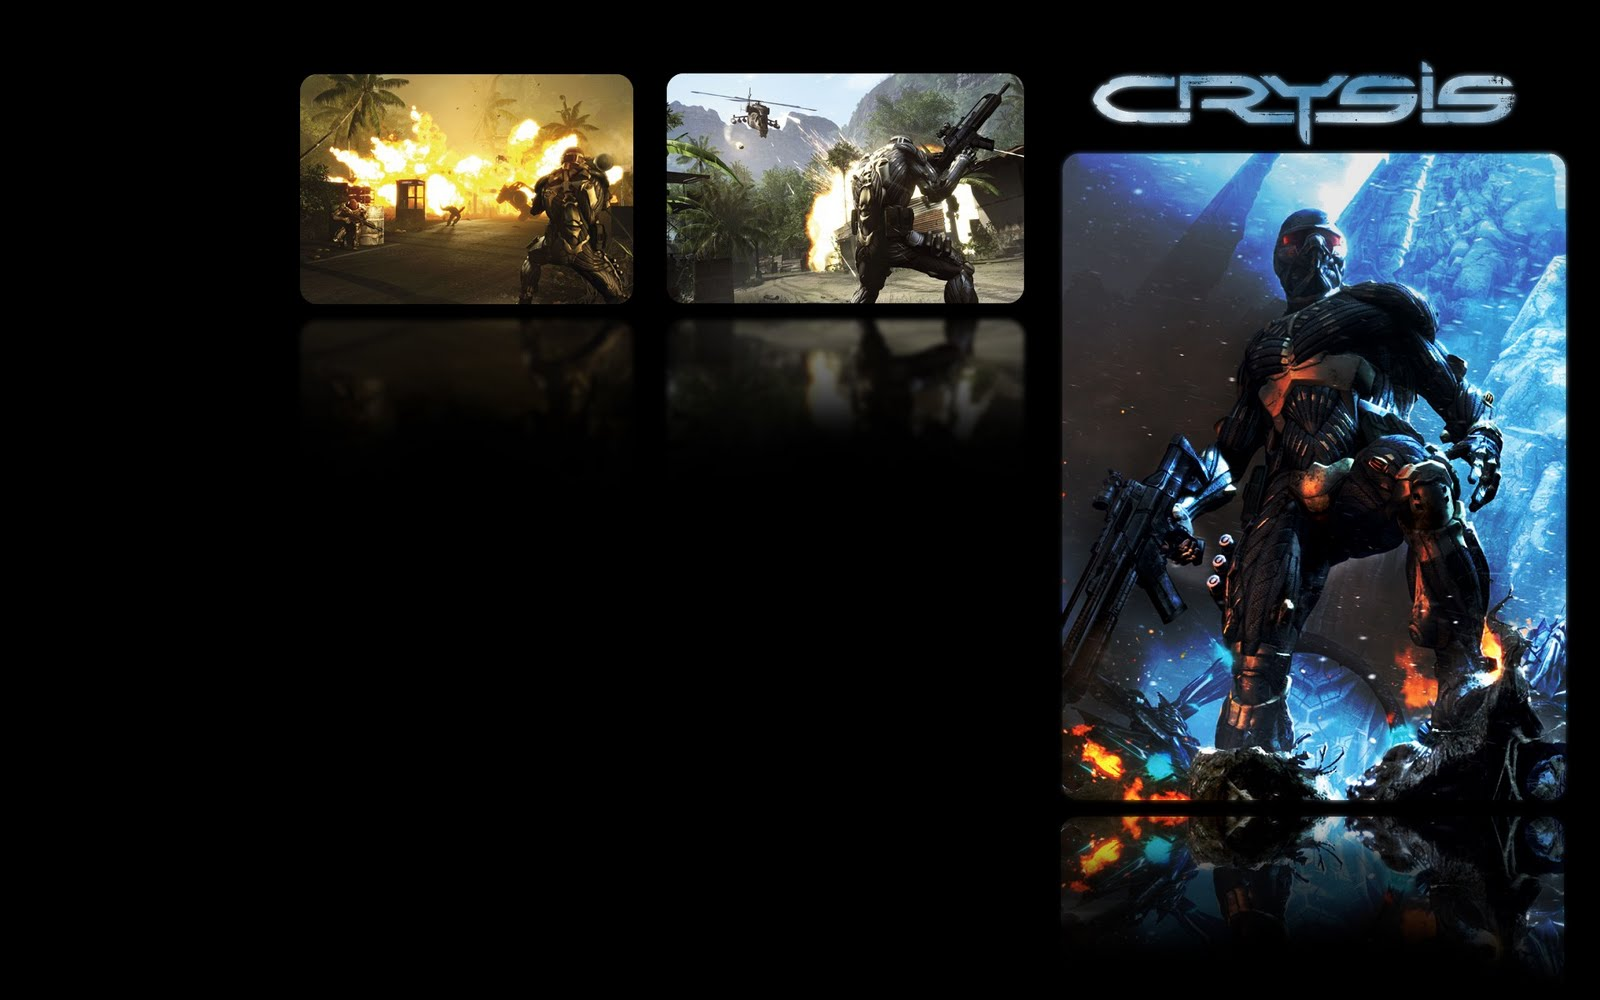 http://2.bp.blogspot.com/_KLJU3hHDGVM/SwctB419_1I/AAAAAAAAA_A/VEKmJusOBT0/s1600/Games+wallpaper+%281%29.jpg